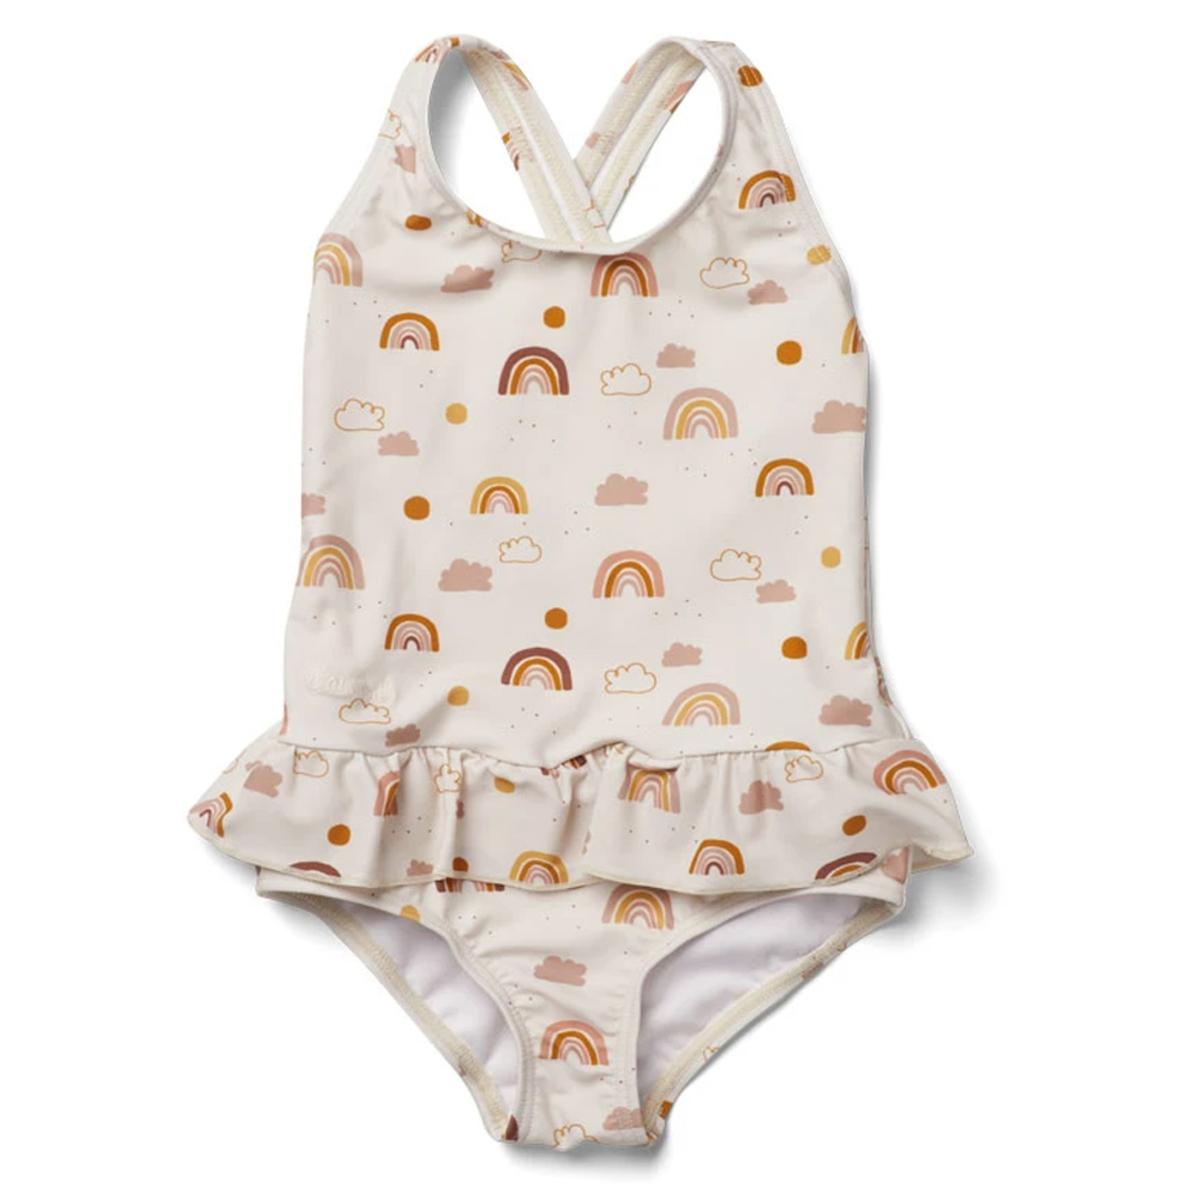 Accessoires bébé Maillot de Bain Amara Rainbow Love Sandy - 12/18 Mois Maillot de Bain Amara Rainbow Love Sandy - 12/18 Mois